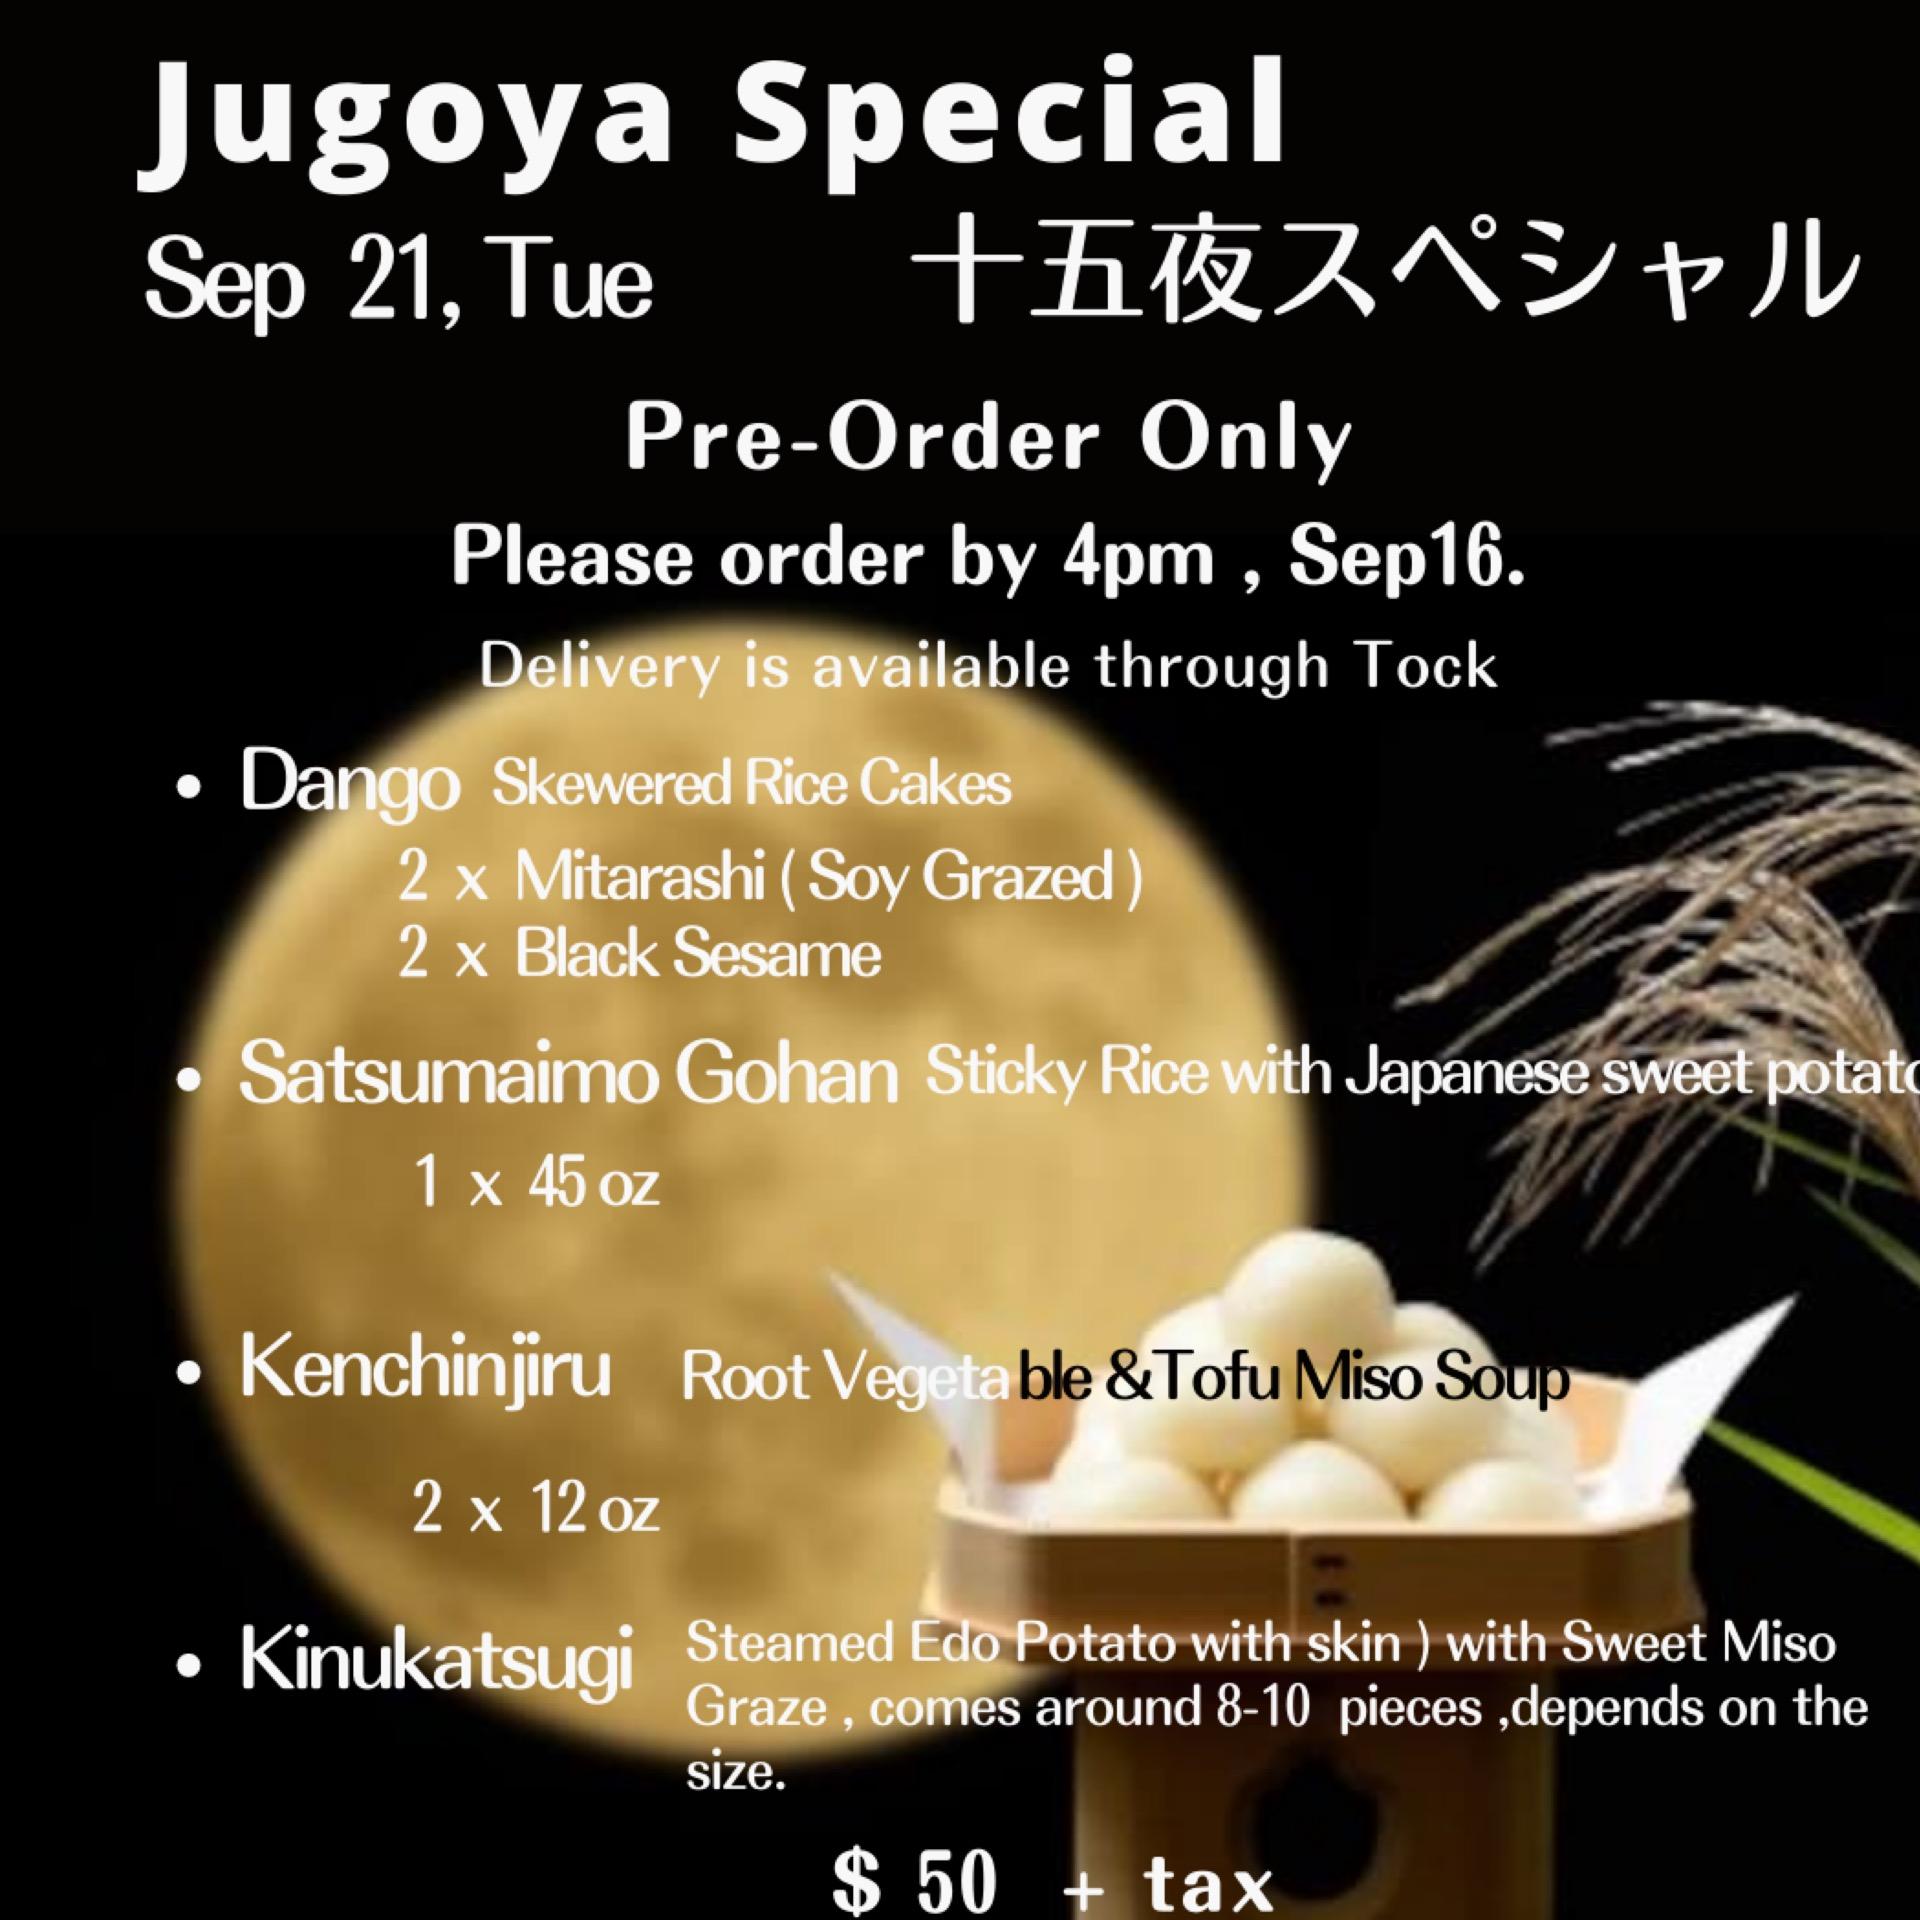 Jugoya Special